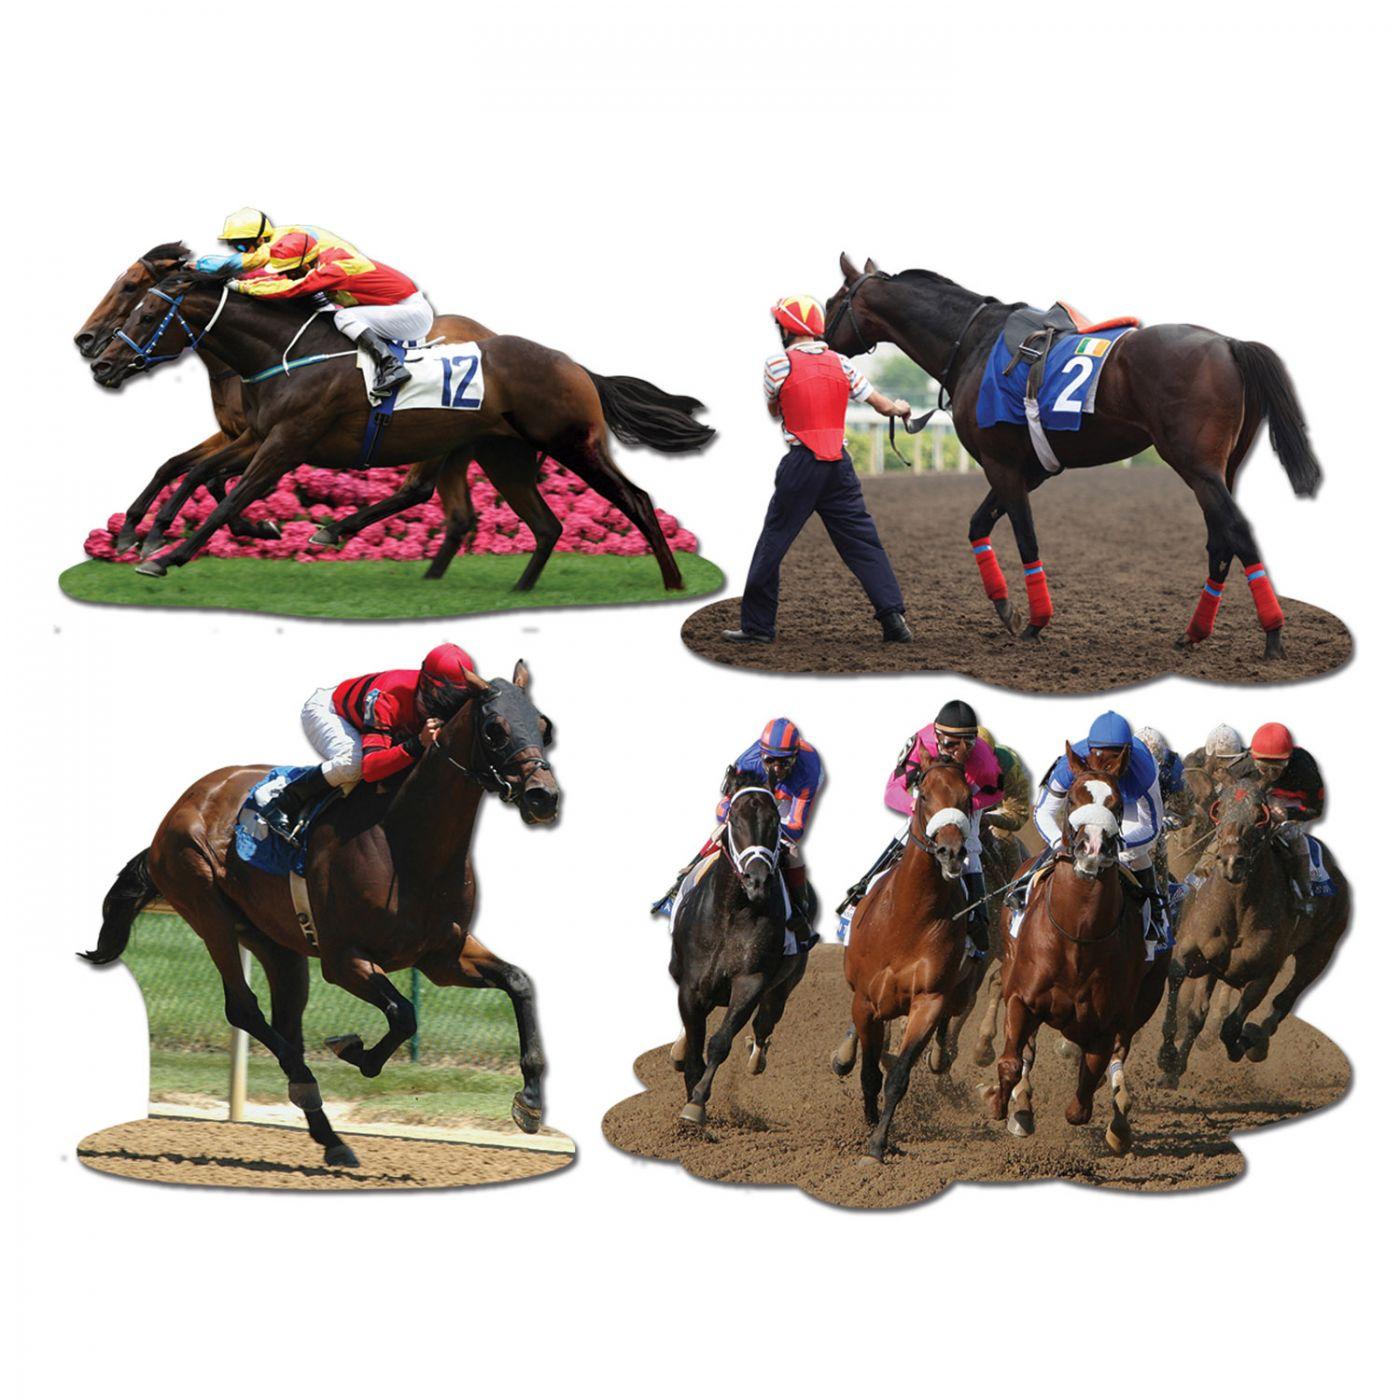 Horse Racing Cutouts image